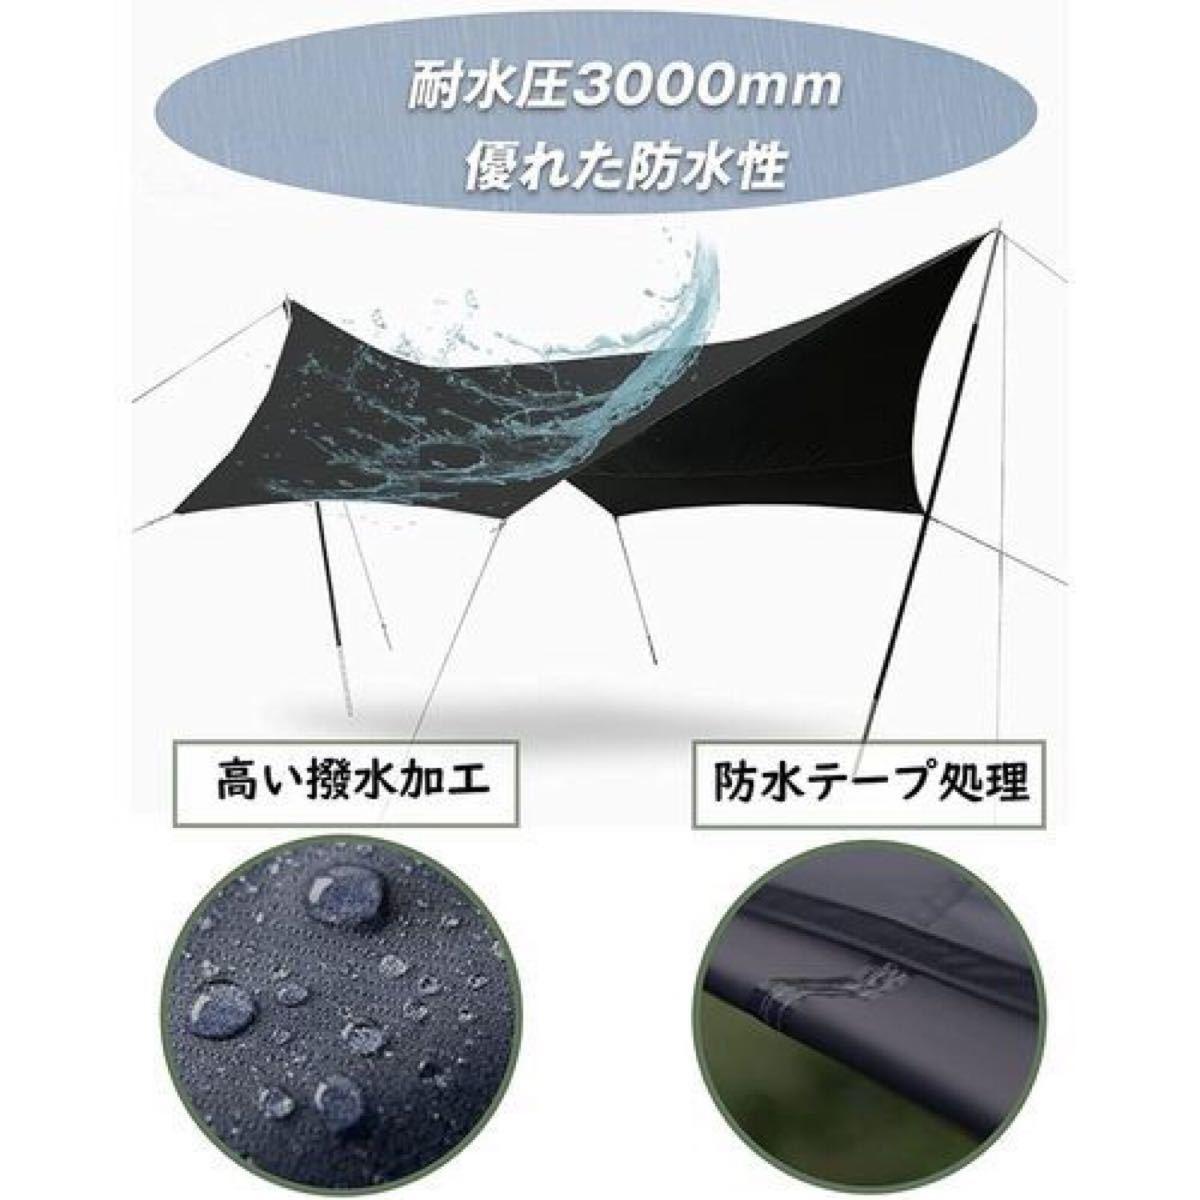 タープ ヘキサタープ  キャンプ【ブラックジェルコーティング付き